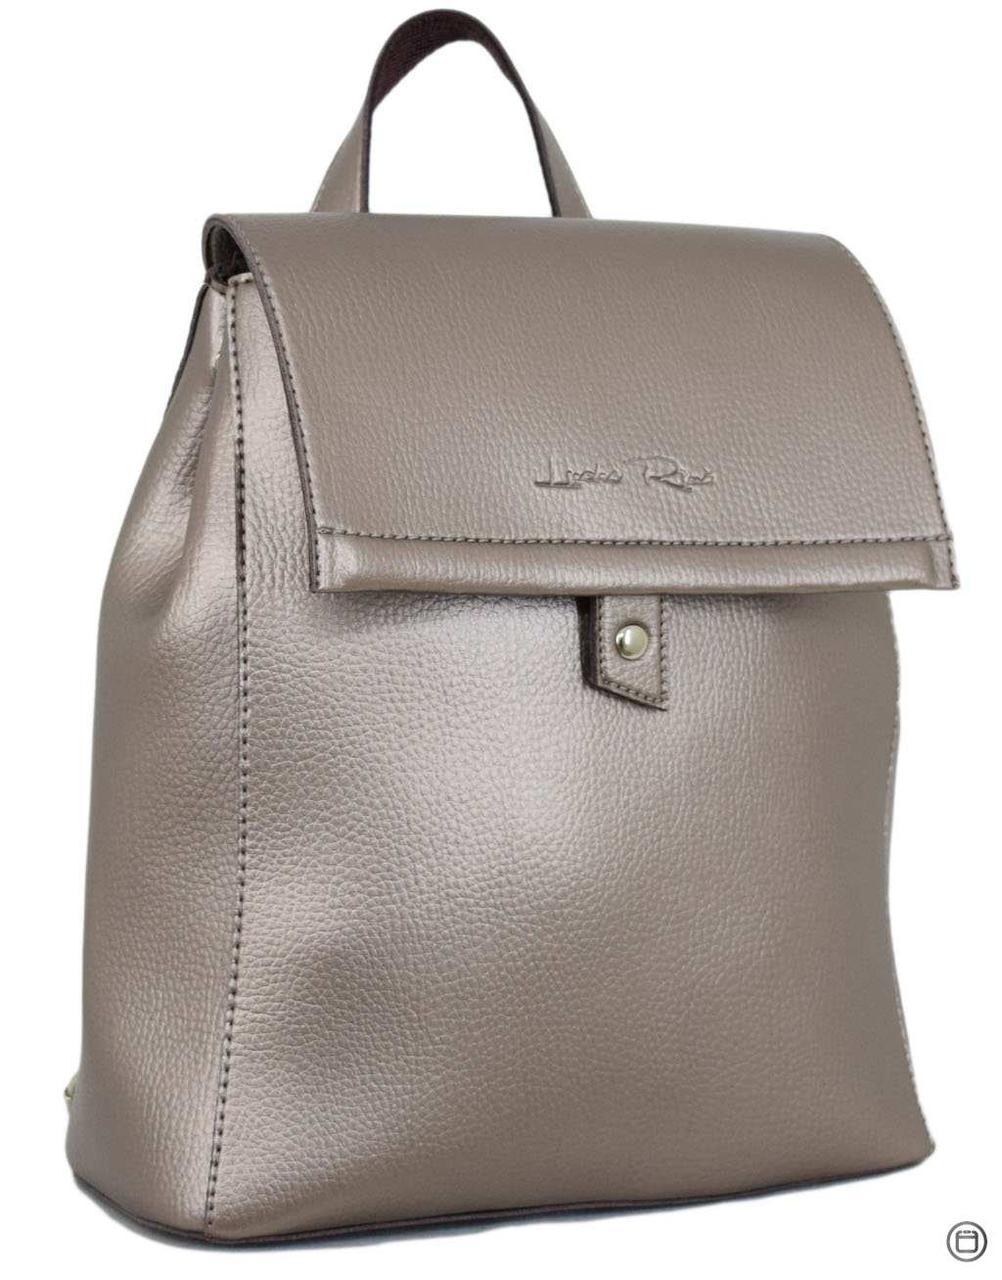 Женский рюкзак экокожа Case 608 серебряная бронза